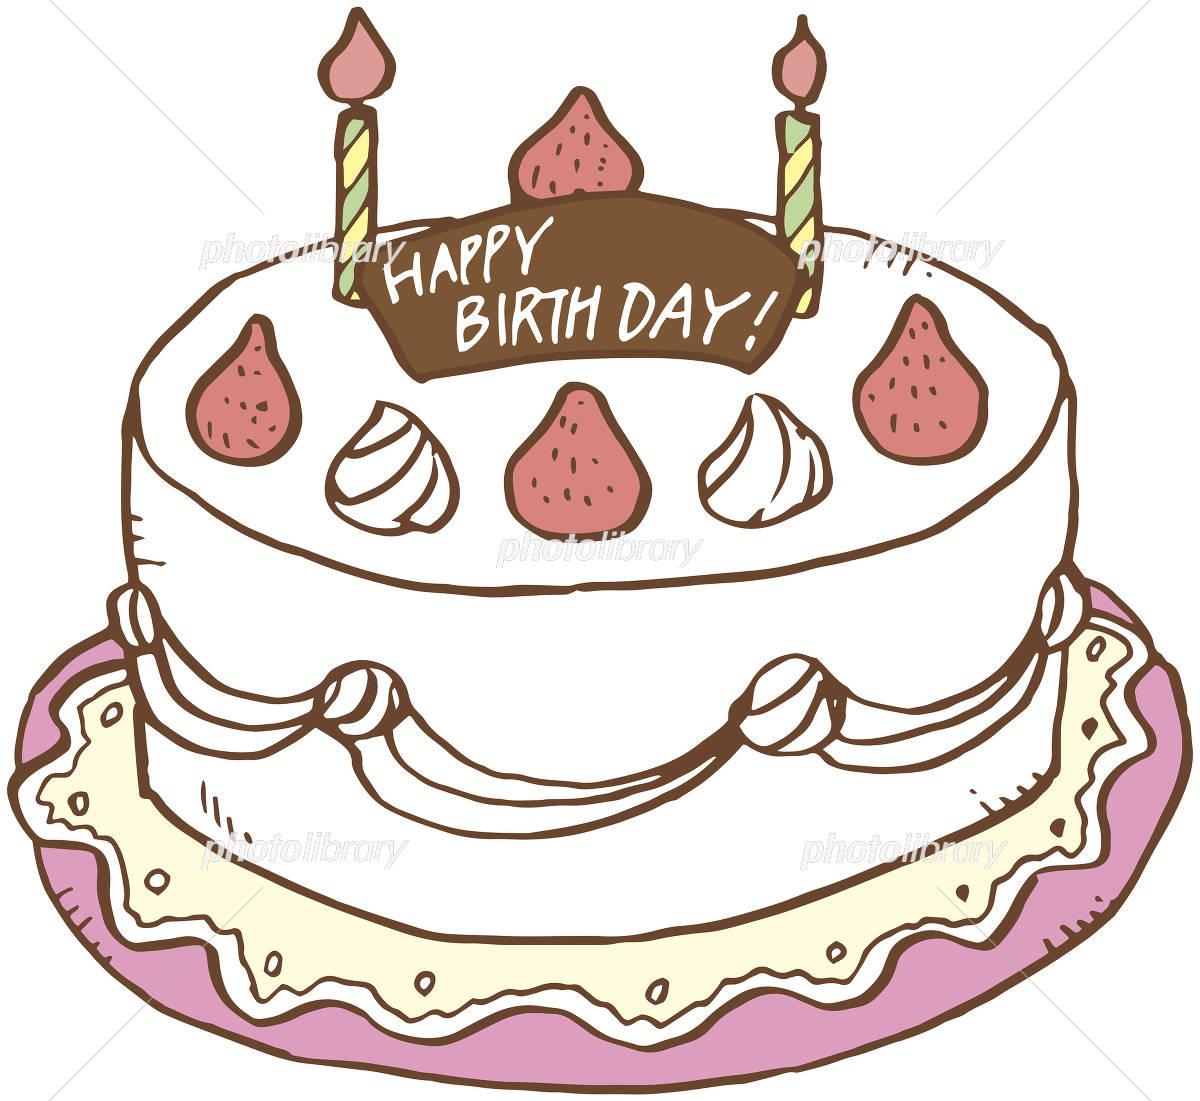 バースデーケーキ イラスト素材 4170427 フォトライブラリー